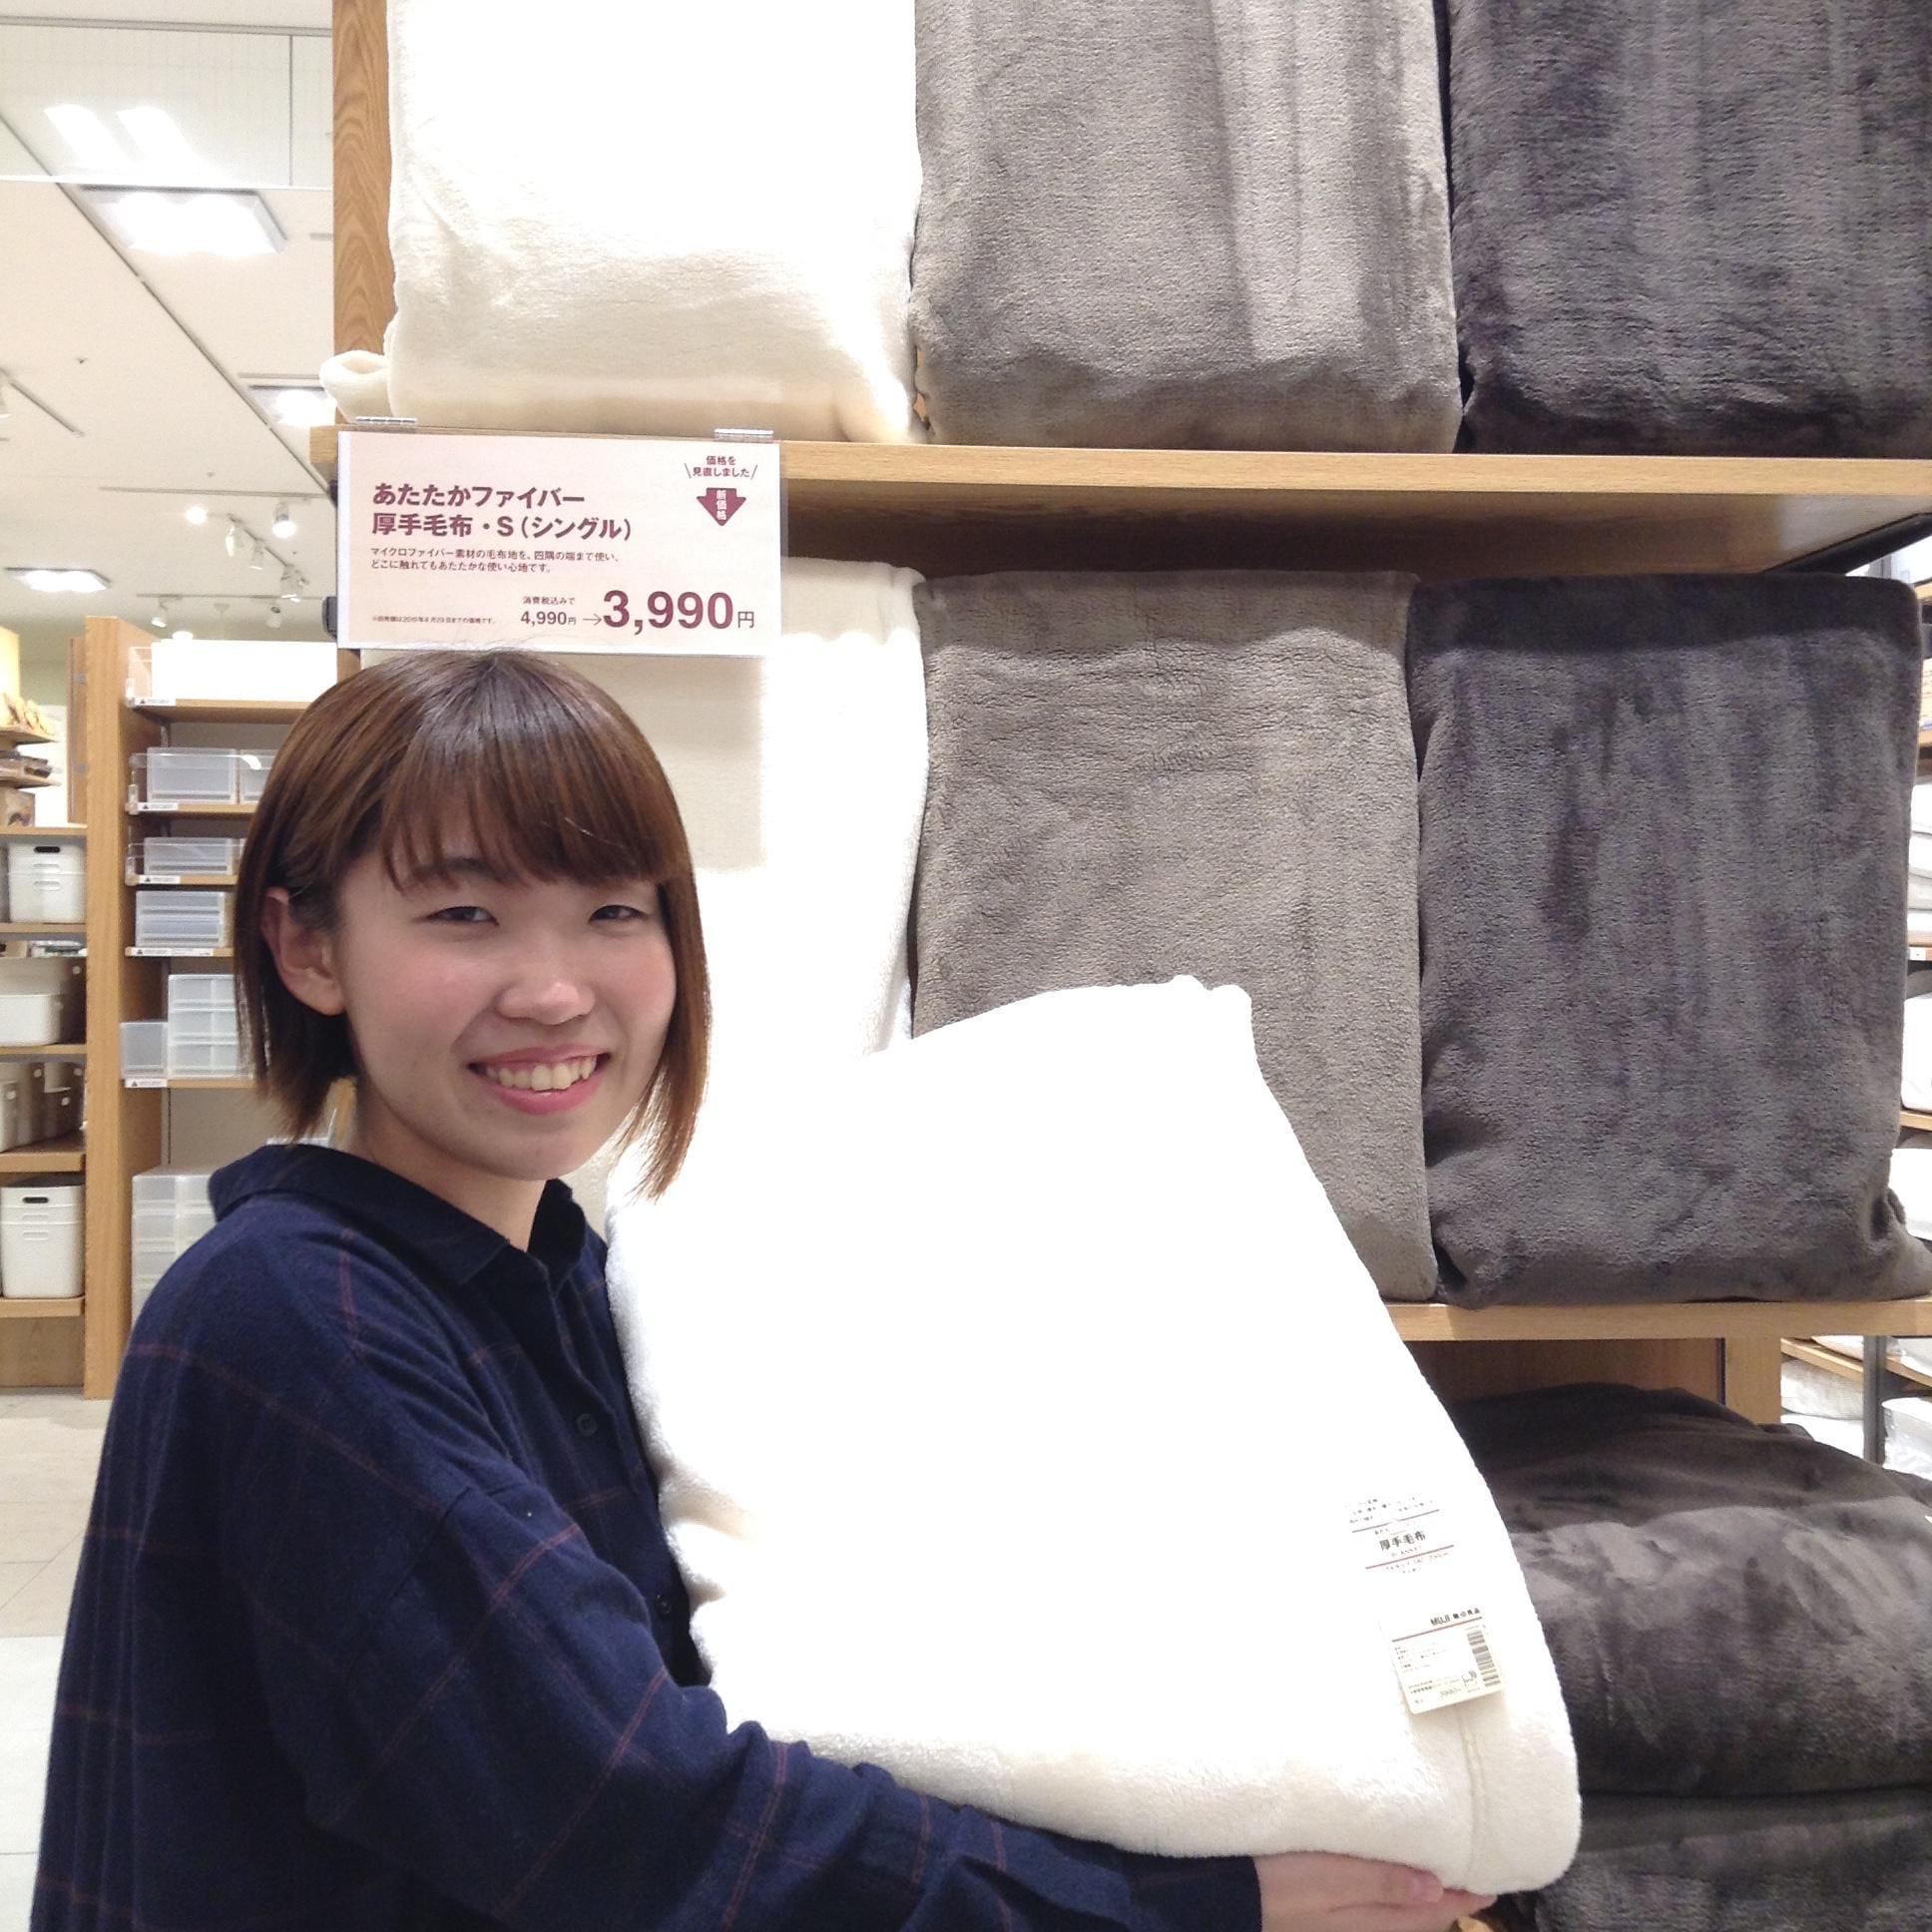 キービジュアル画像:【おのだサンパーク】毛布の使い方あたたかいランキングベスト3! |スタッフのおすすめ